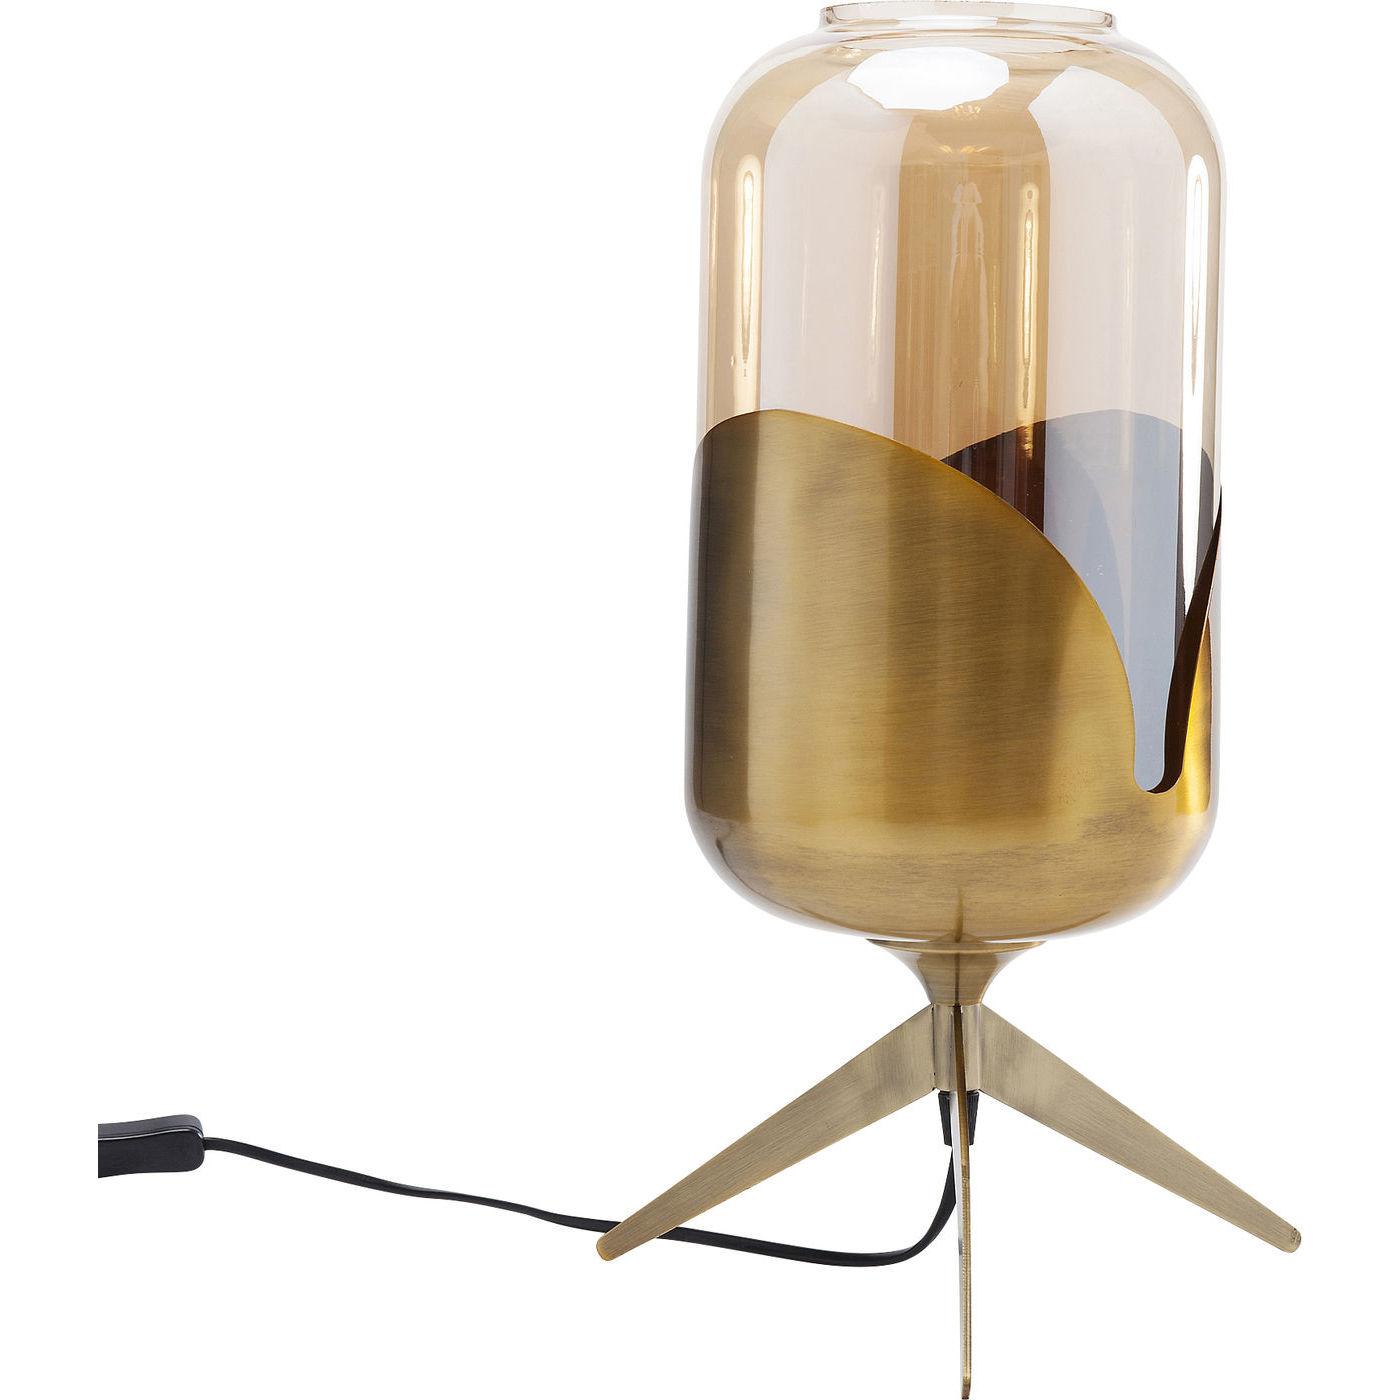 Image of   KARE DESIGN Golden Goblet Pole bordlampe - farvet glas/messingbelagt stål